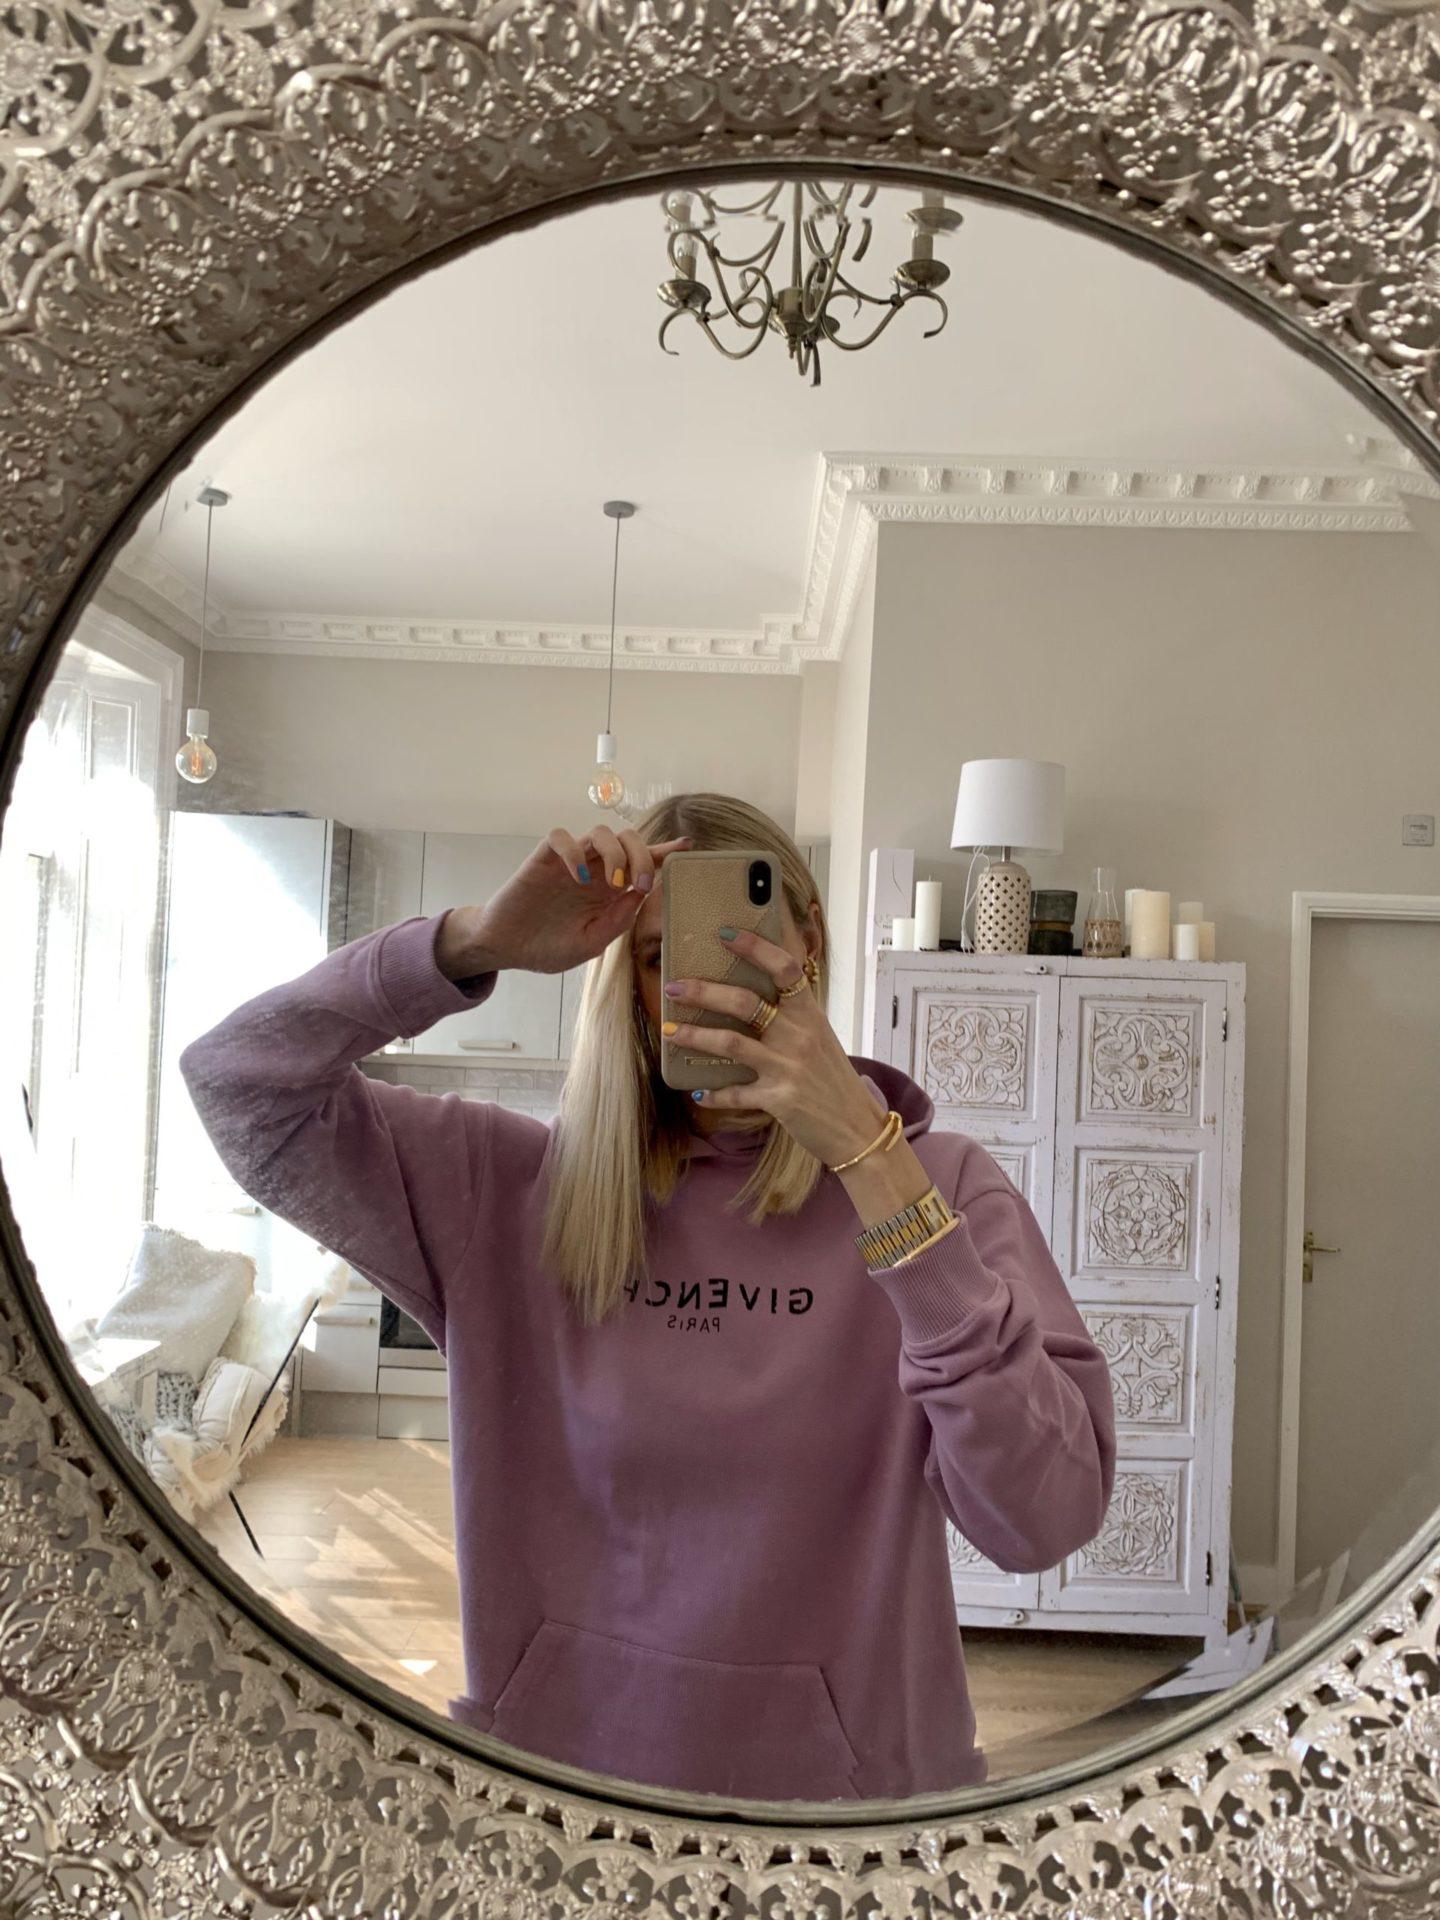 Leonie Hanne givenchy sweatshirt